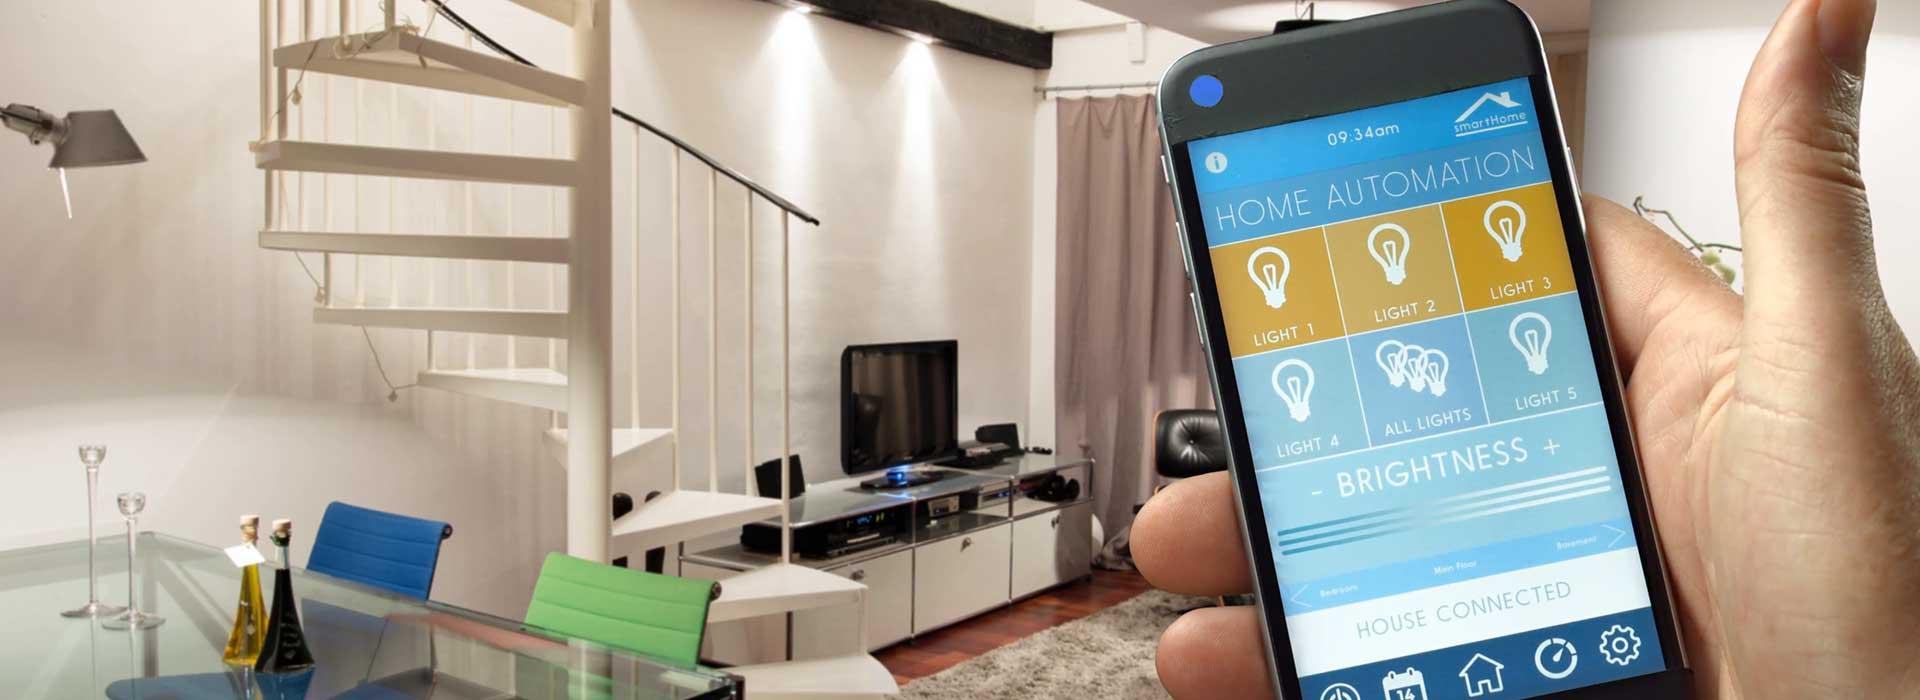 Bilge Bilişim Akıllı Ev Sistemleri